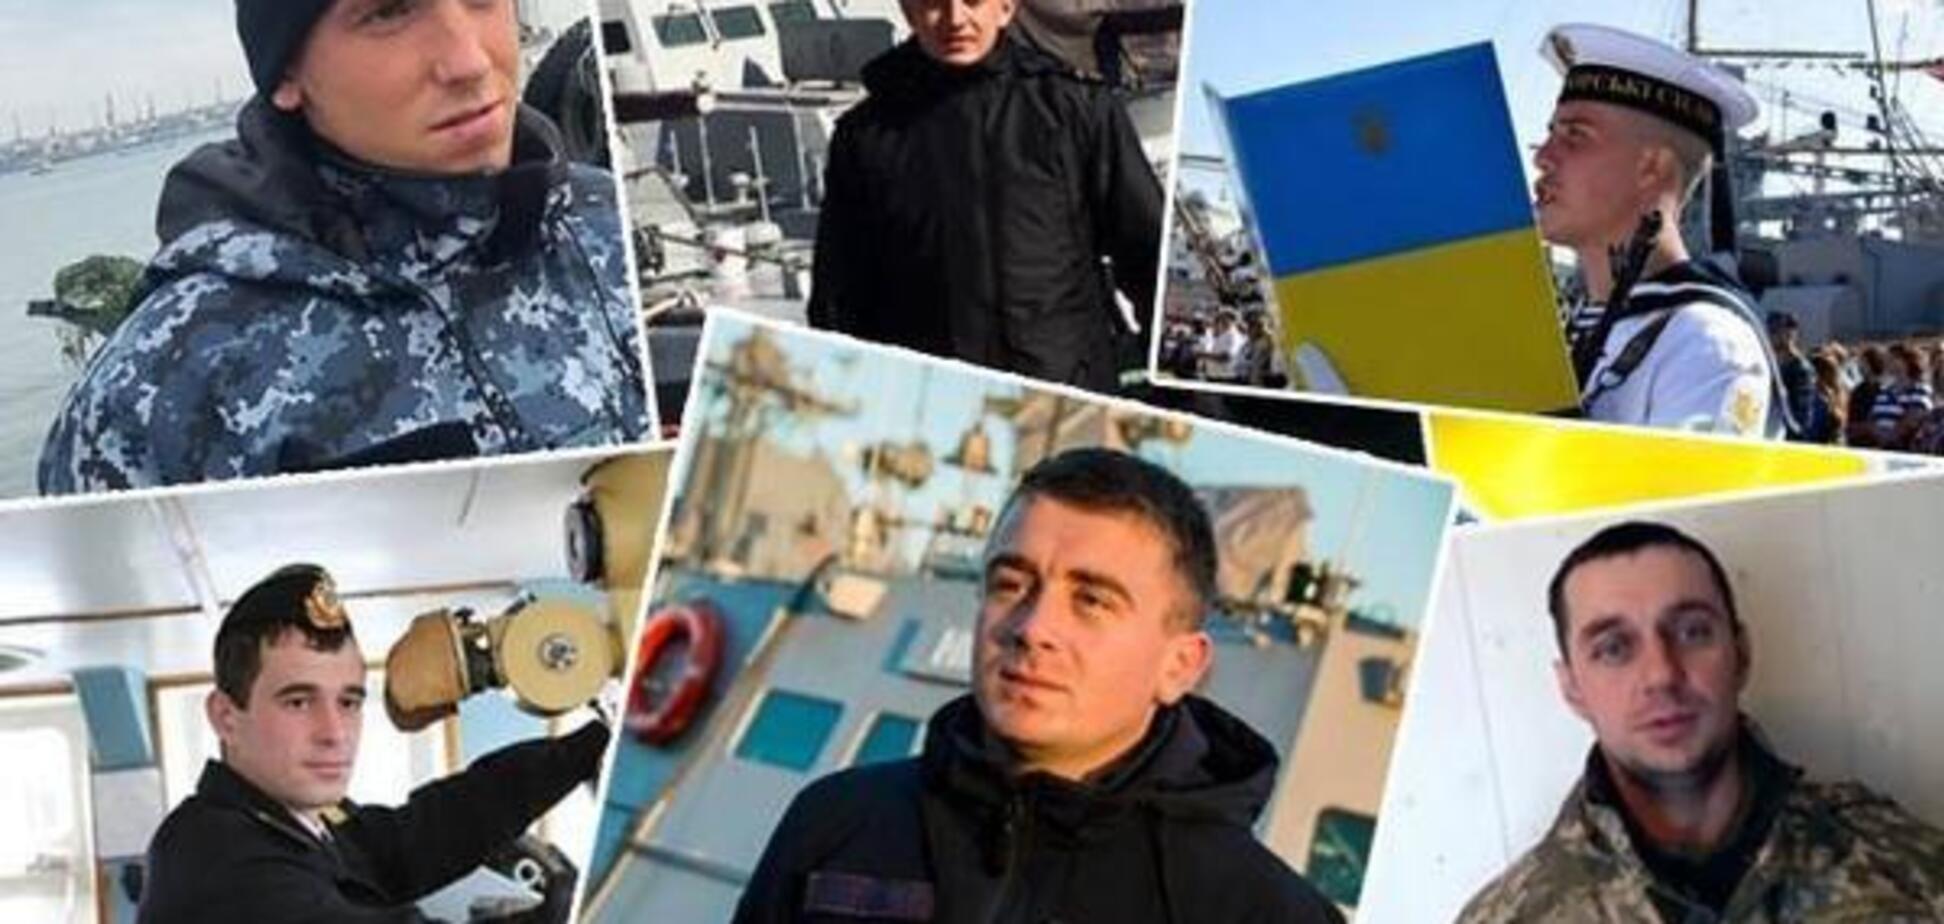 Все 24 – военнопленные: еще два украинских моряка сделали важное заявление ФСБ